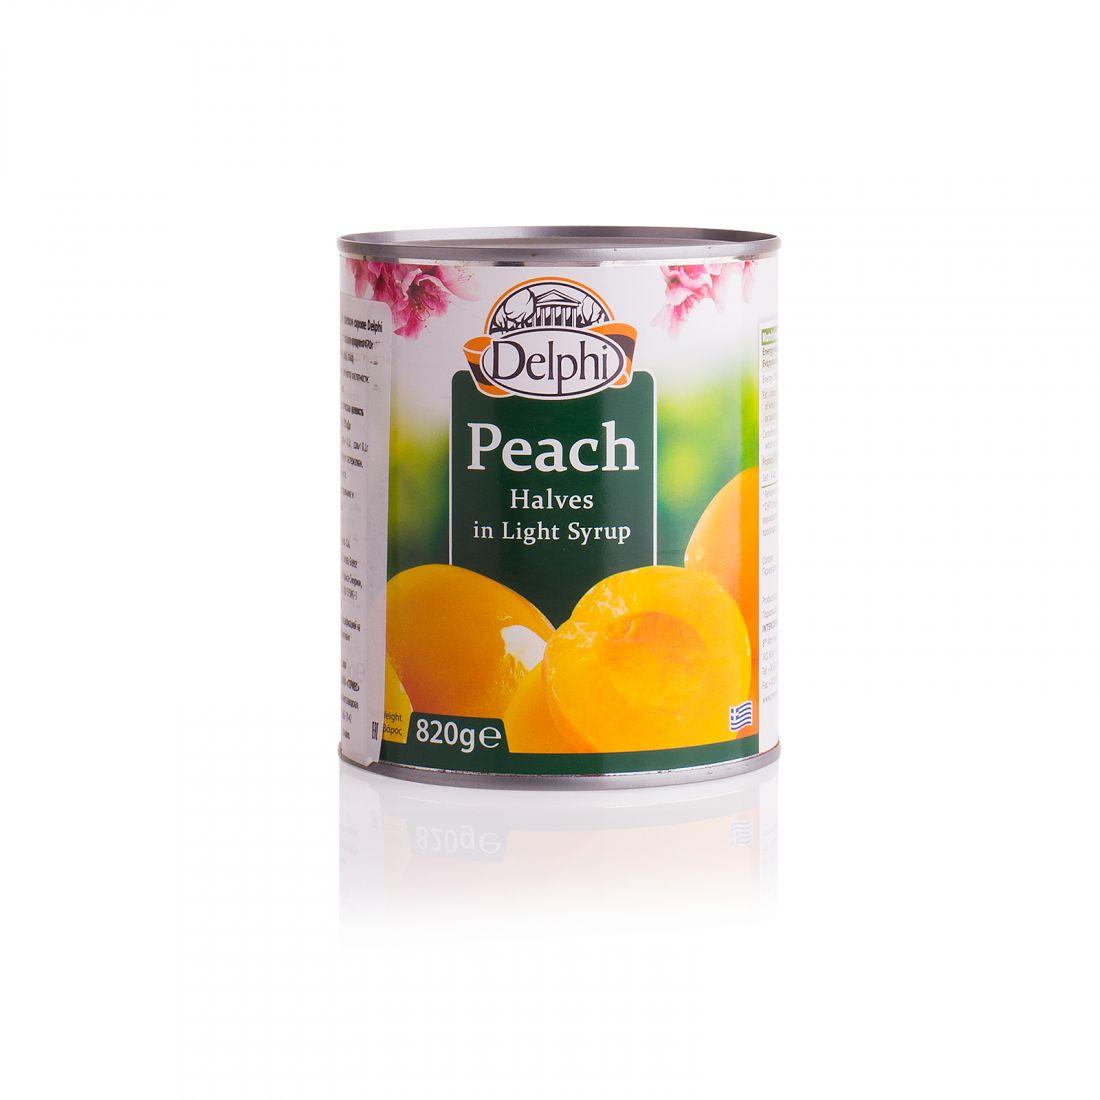 Половинки персика в сиропе Delphi - 820 гр